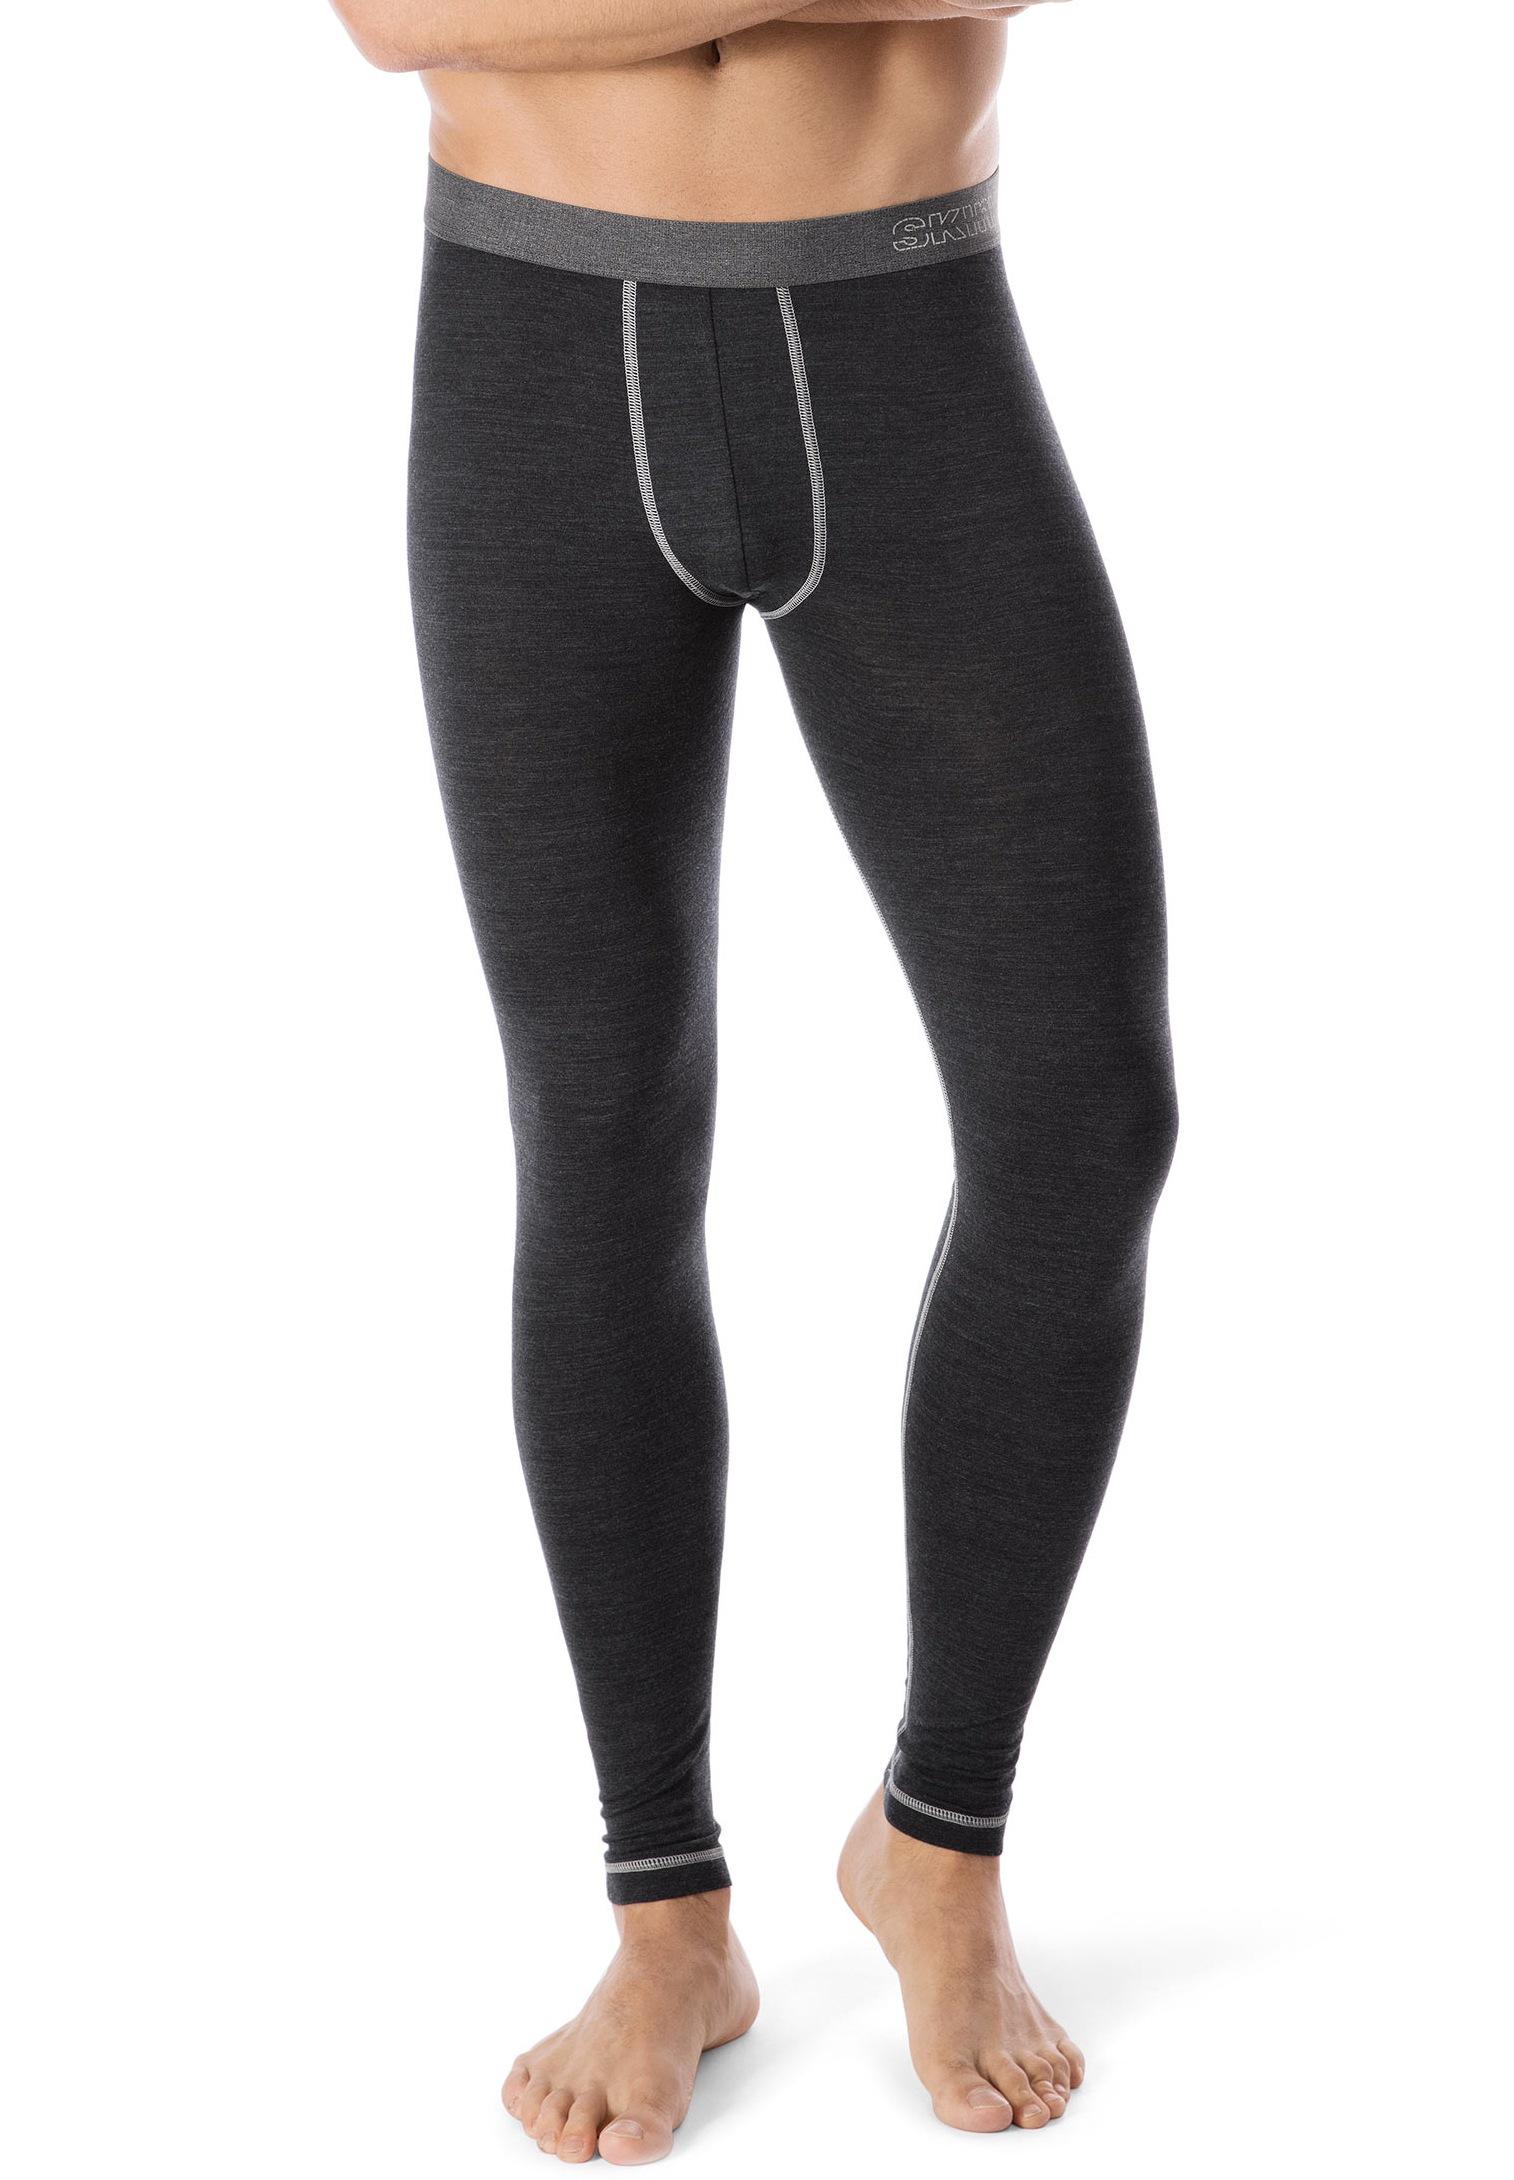 Skiny Lange Unterhose der Active Wool-Serie mit Kontrastnähten | Bekleidung > Wäsche > Slips & Strings | Blau | Elasthan | Skiny